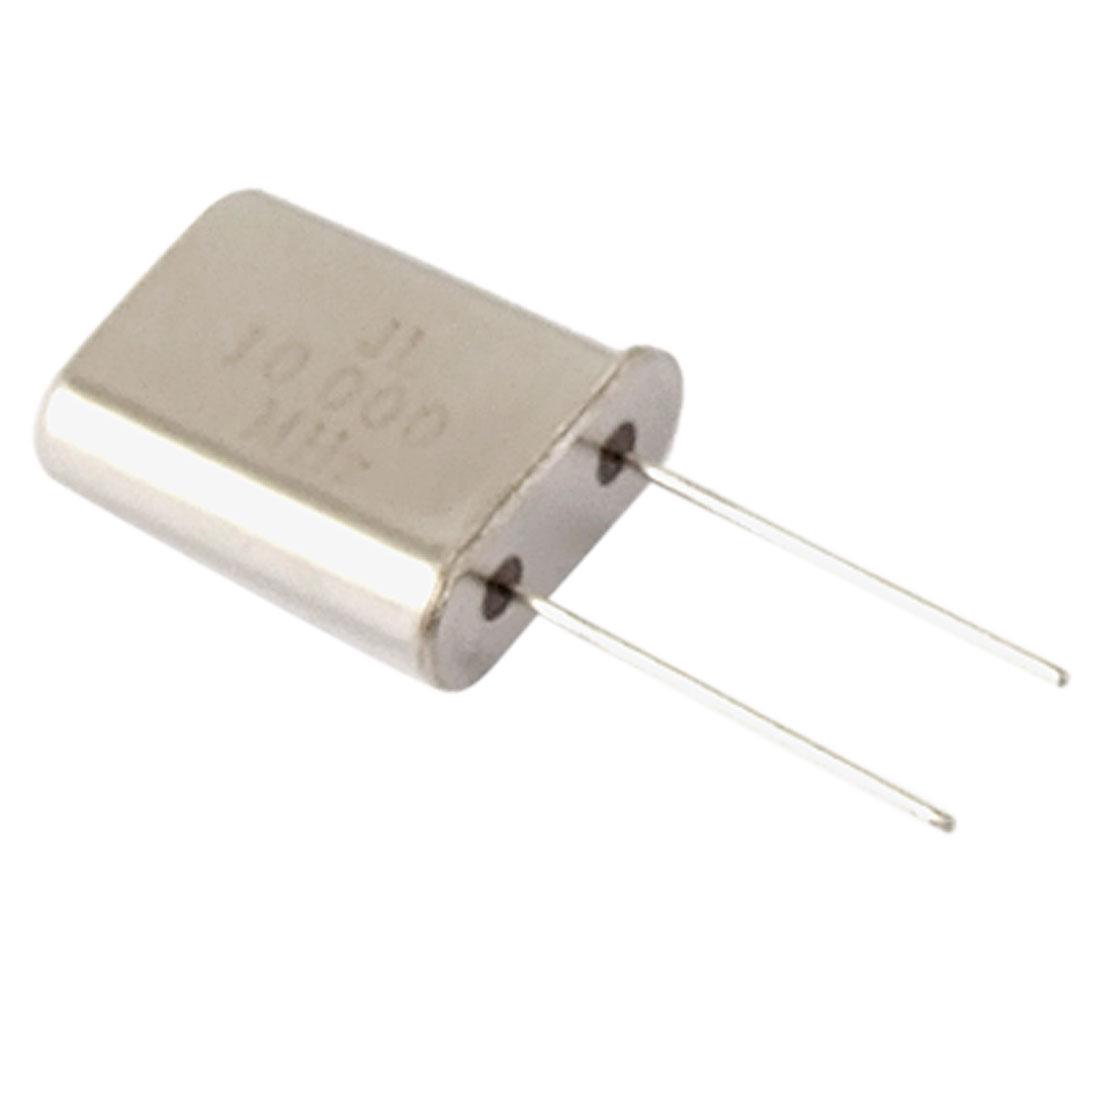 100 Pcs 10MHz 10.000MHz DIP Cyrstal Oscillators HC-49/U